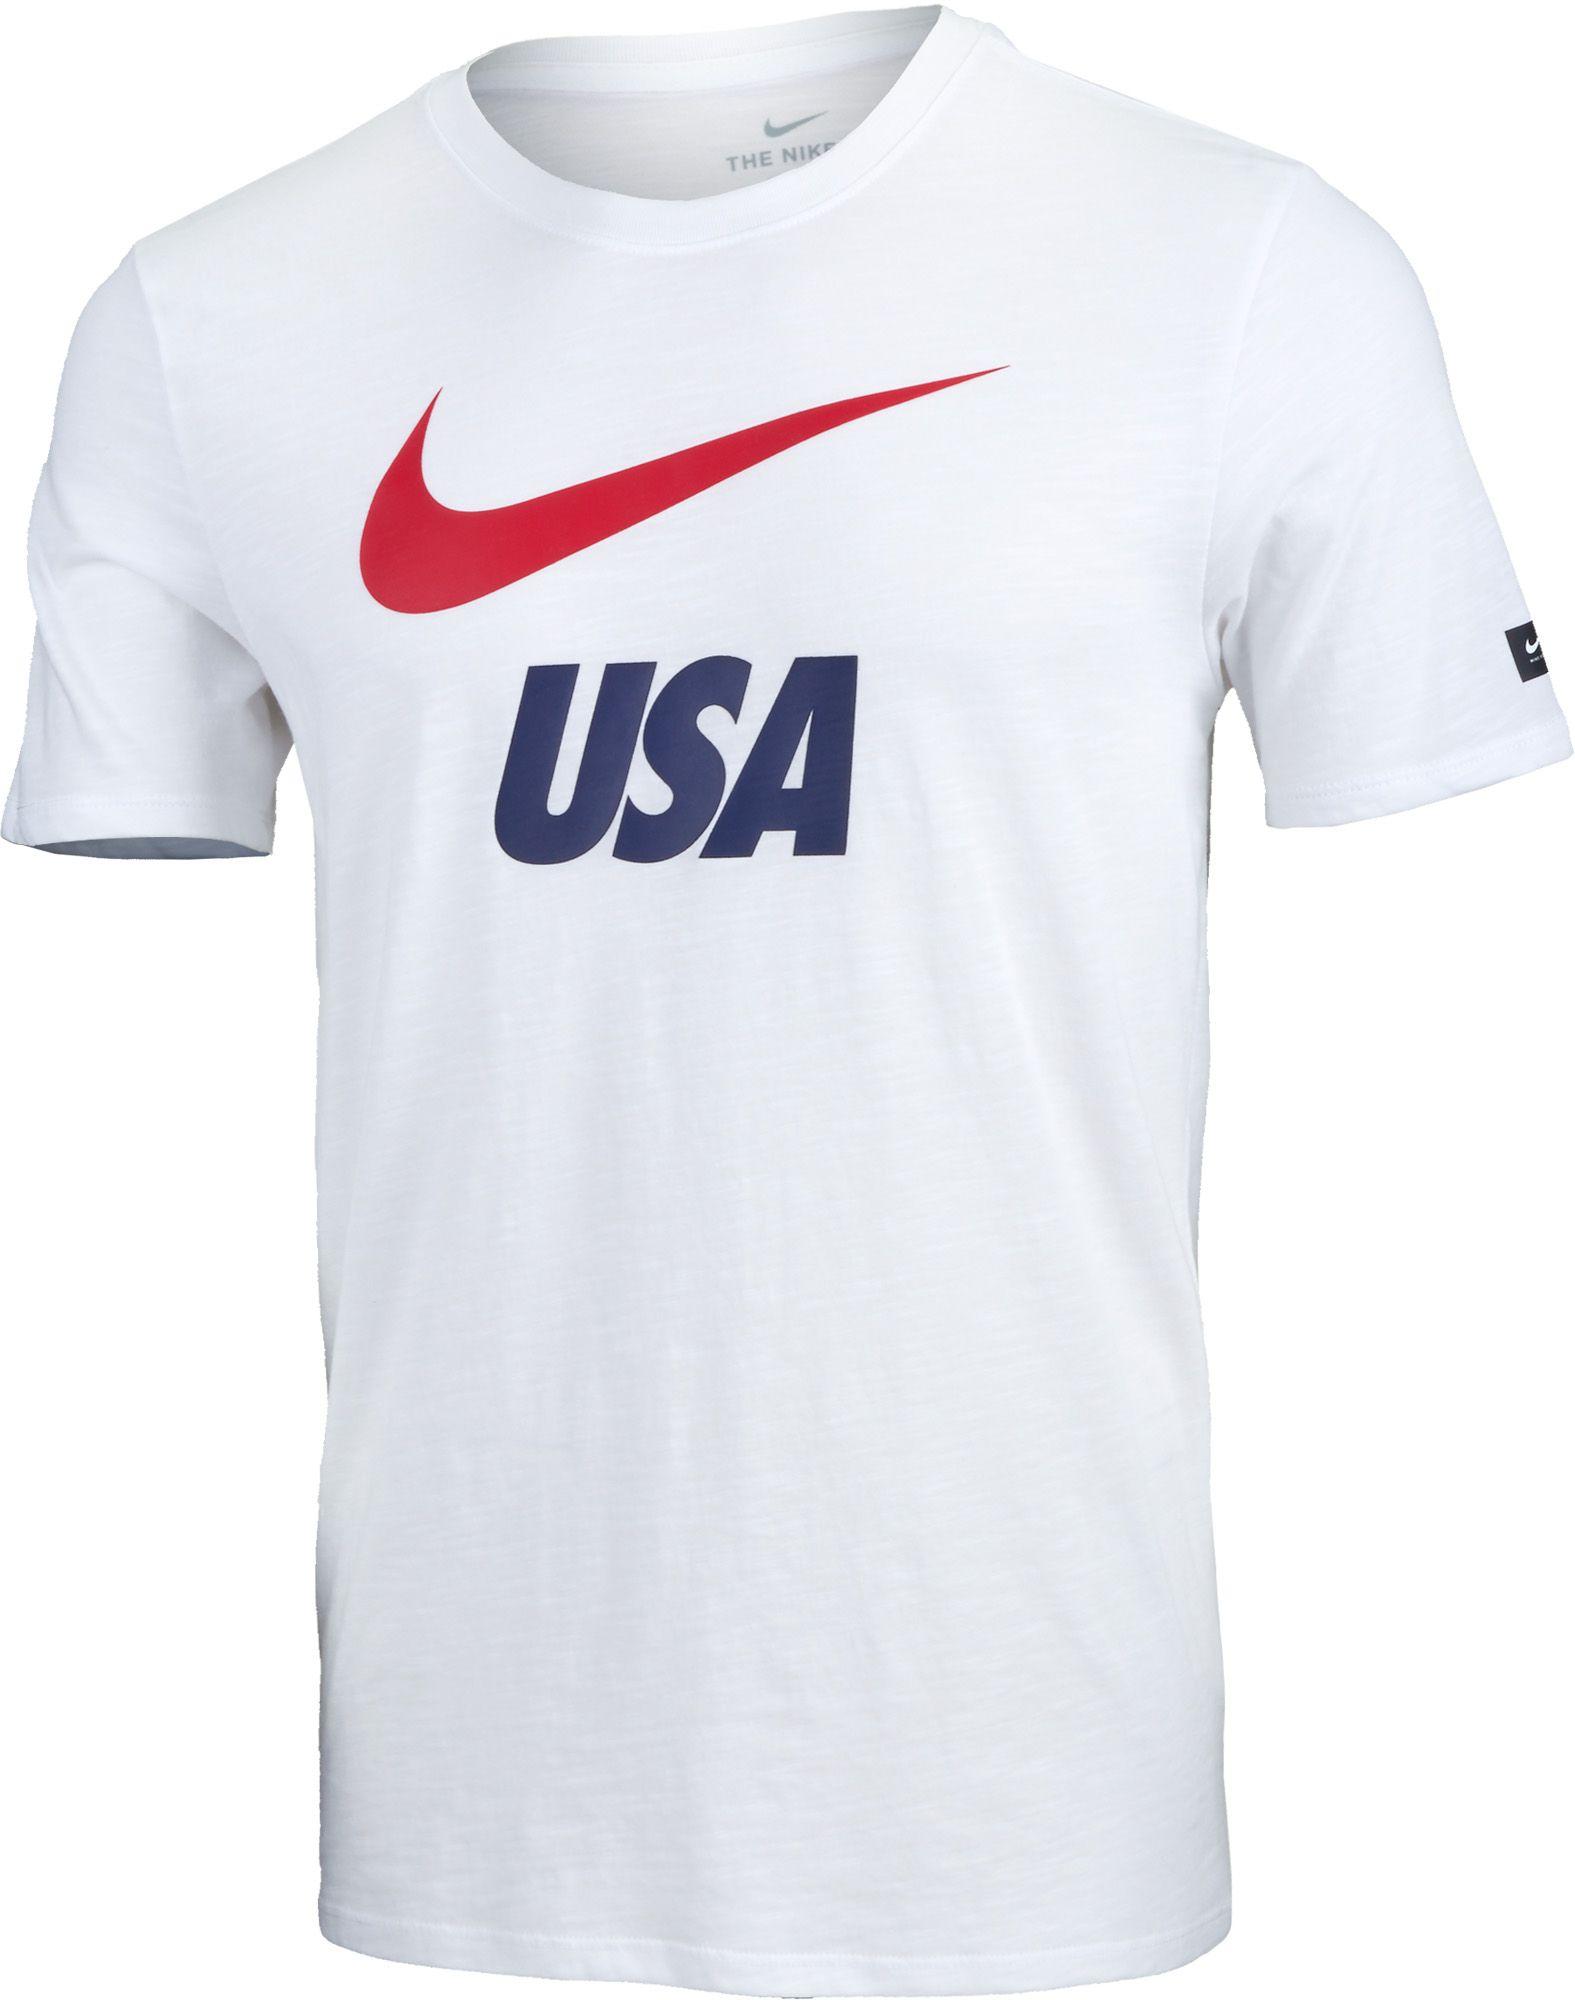 Kids Nike USA Slub Tee. Buy it from SoccerPro right now. 2301002ec2